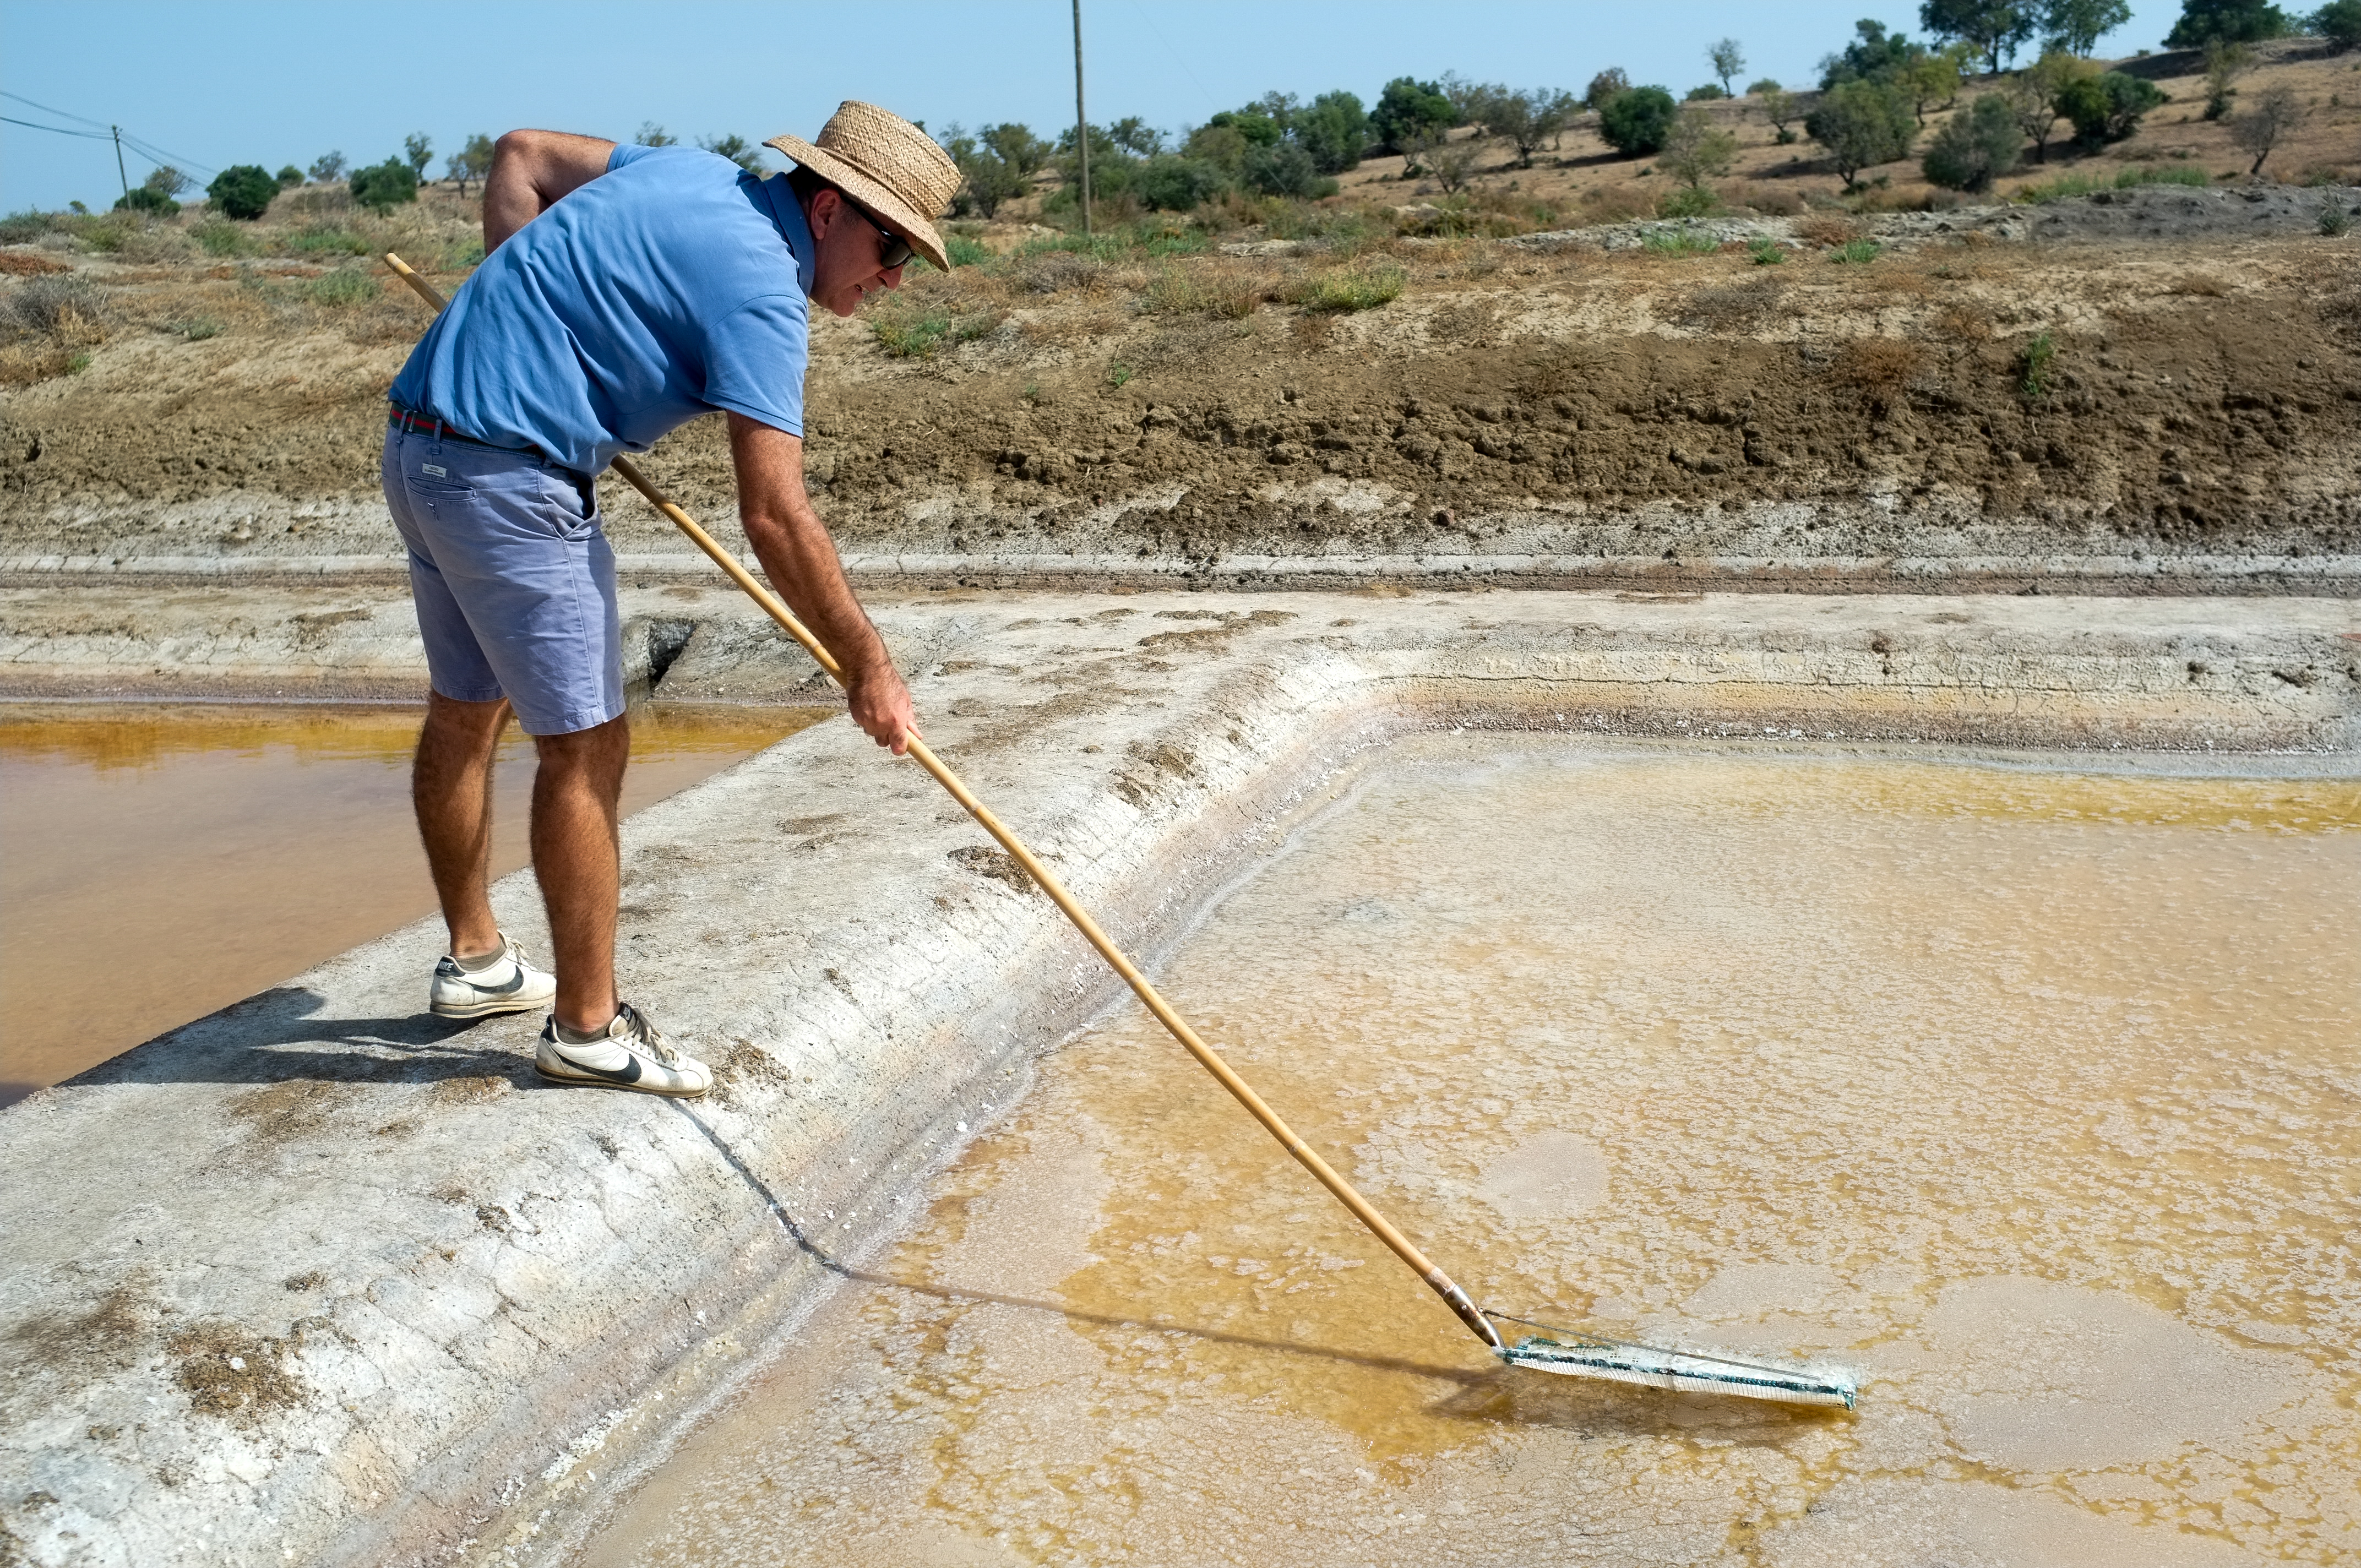 Jorge Raiado récolte sa fleur de sel comme on le fait depuis des millénaires.